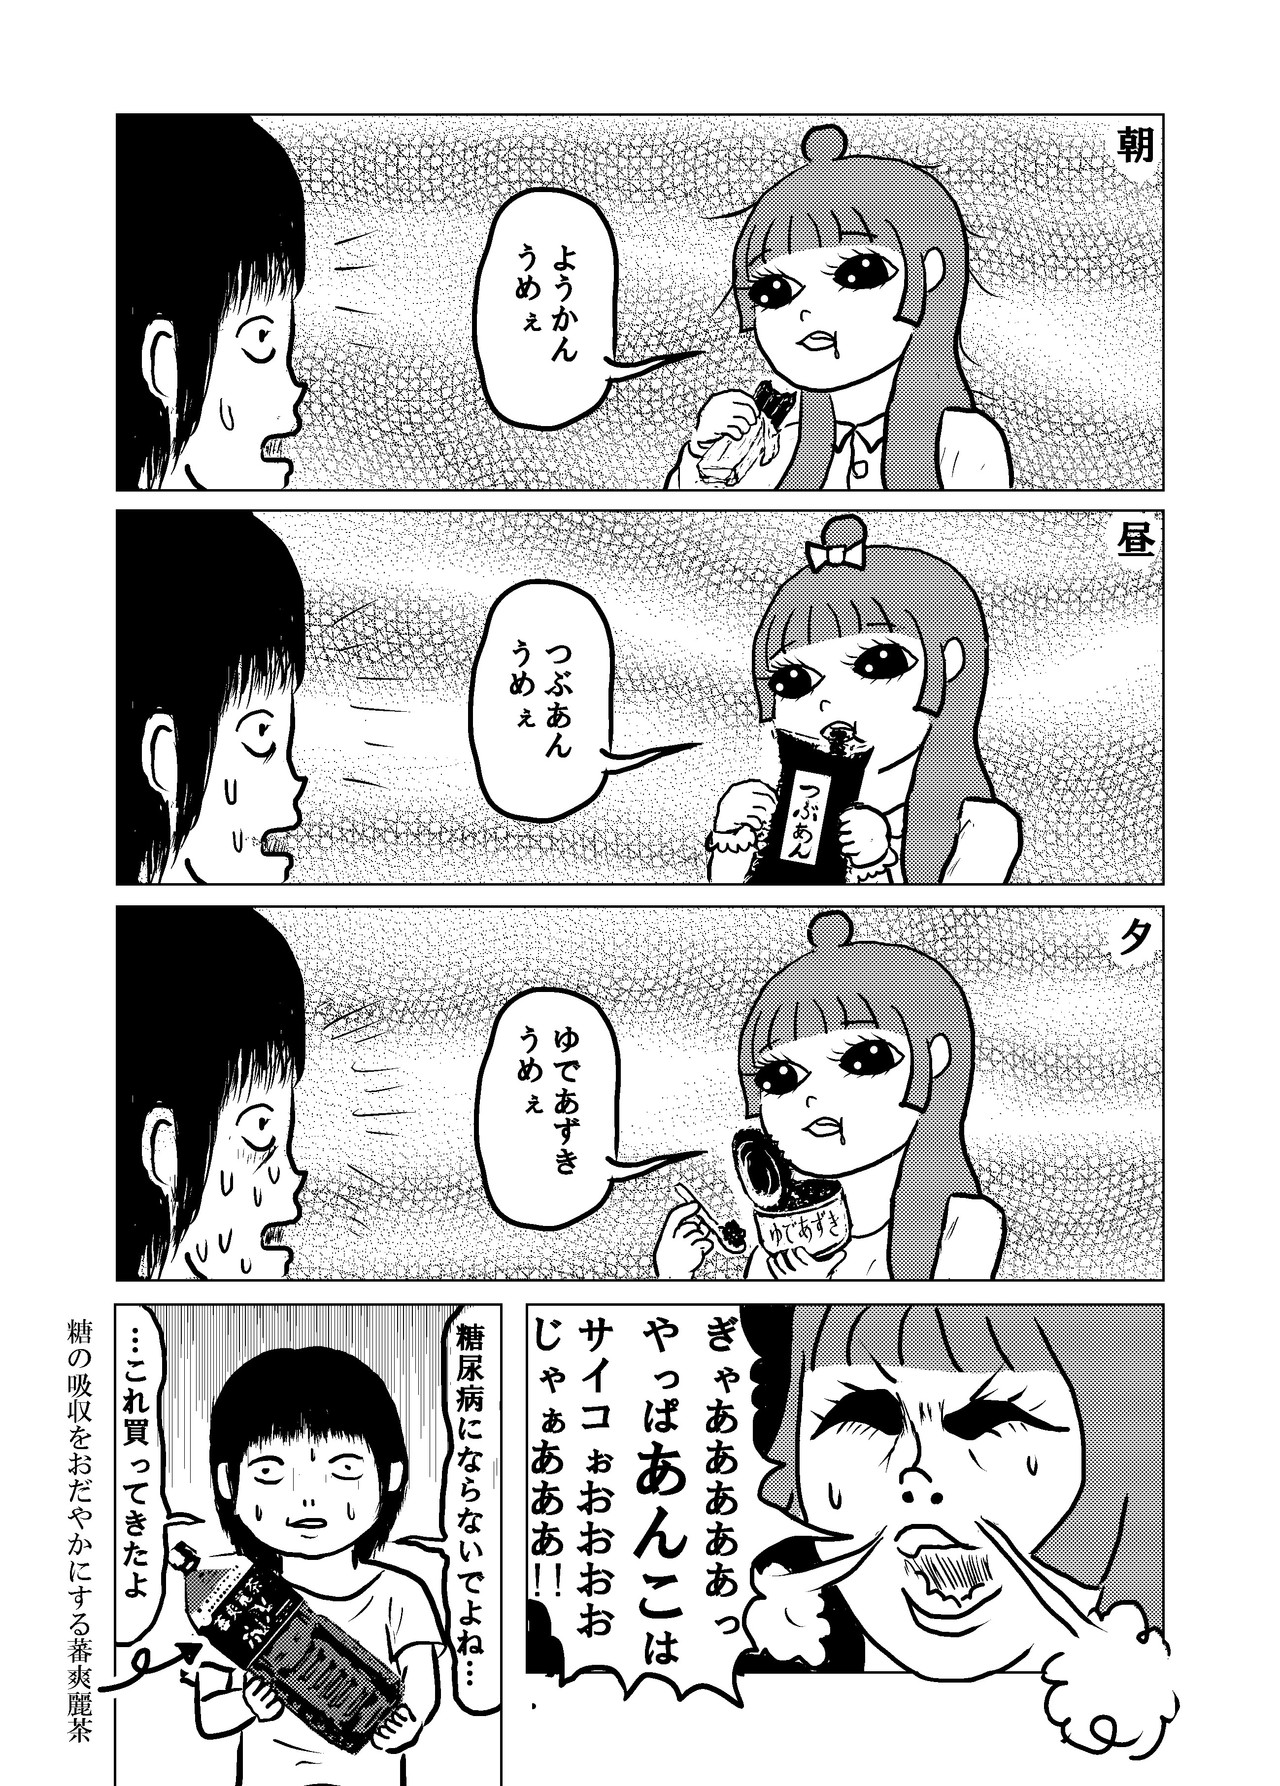 メルモの食卓01_5mb